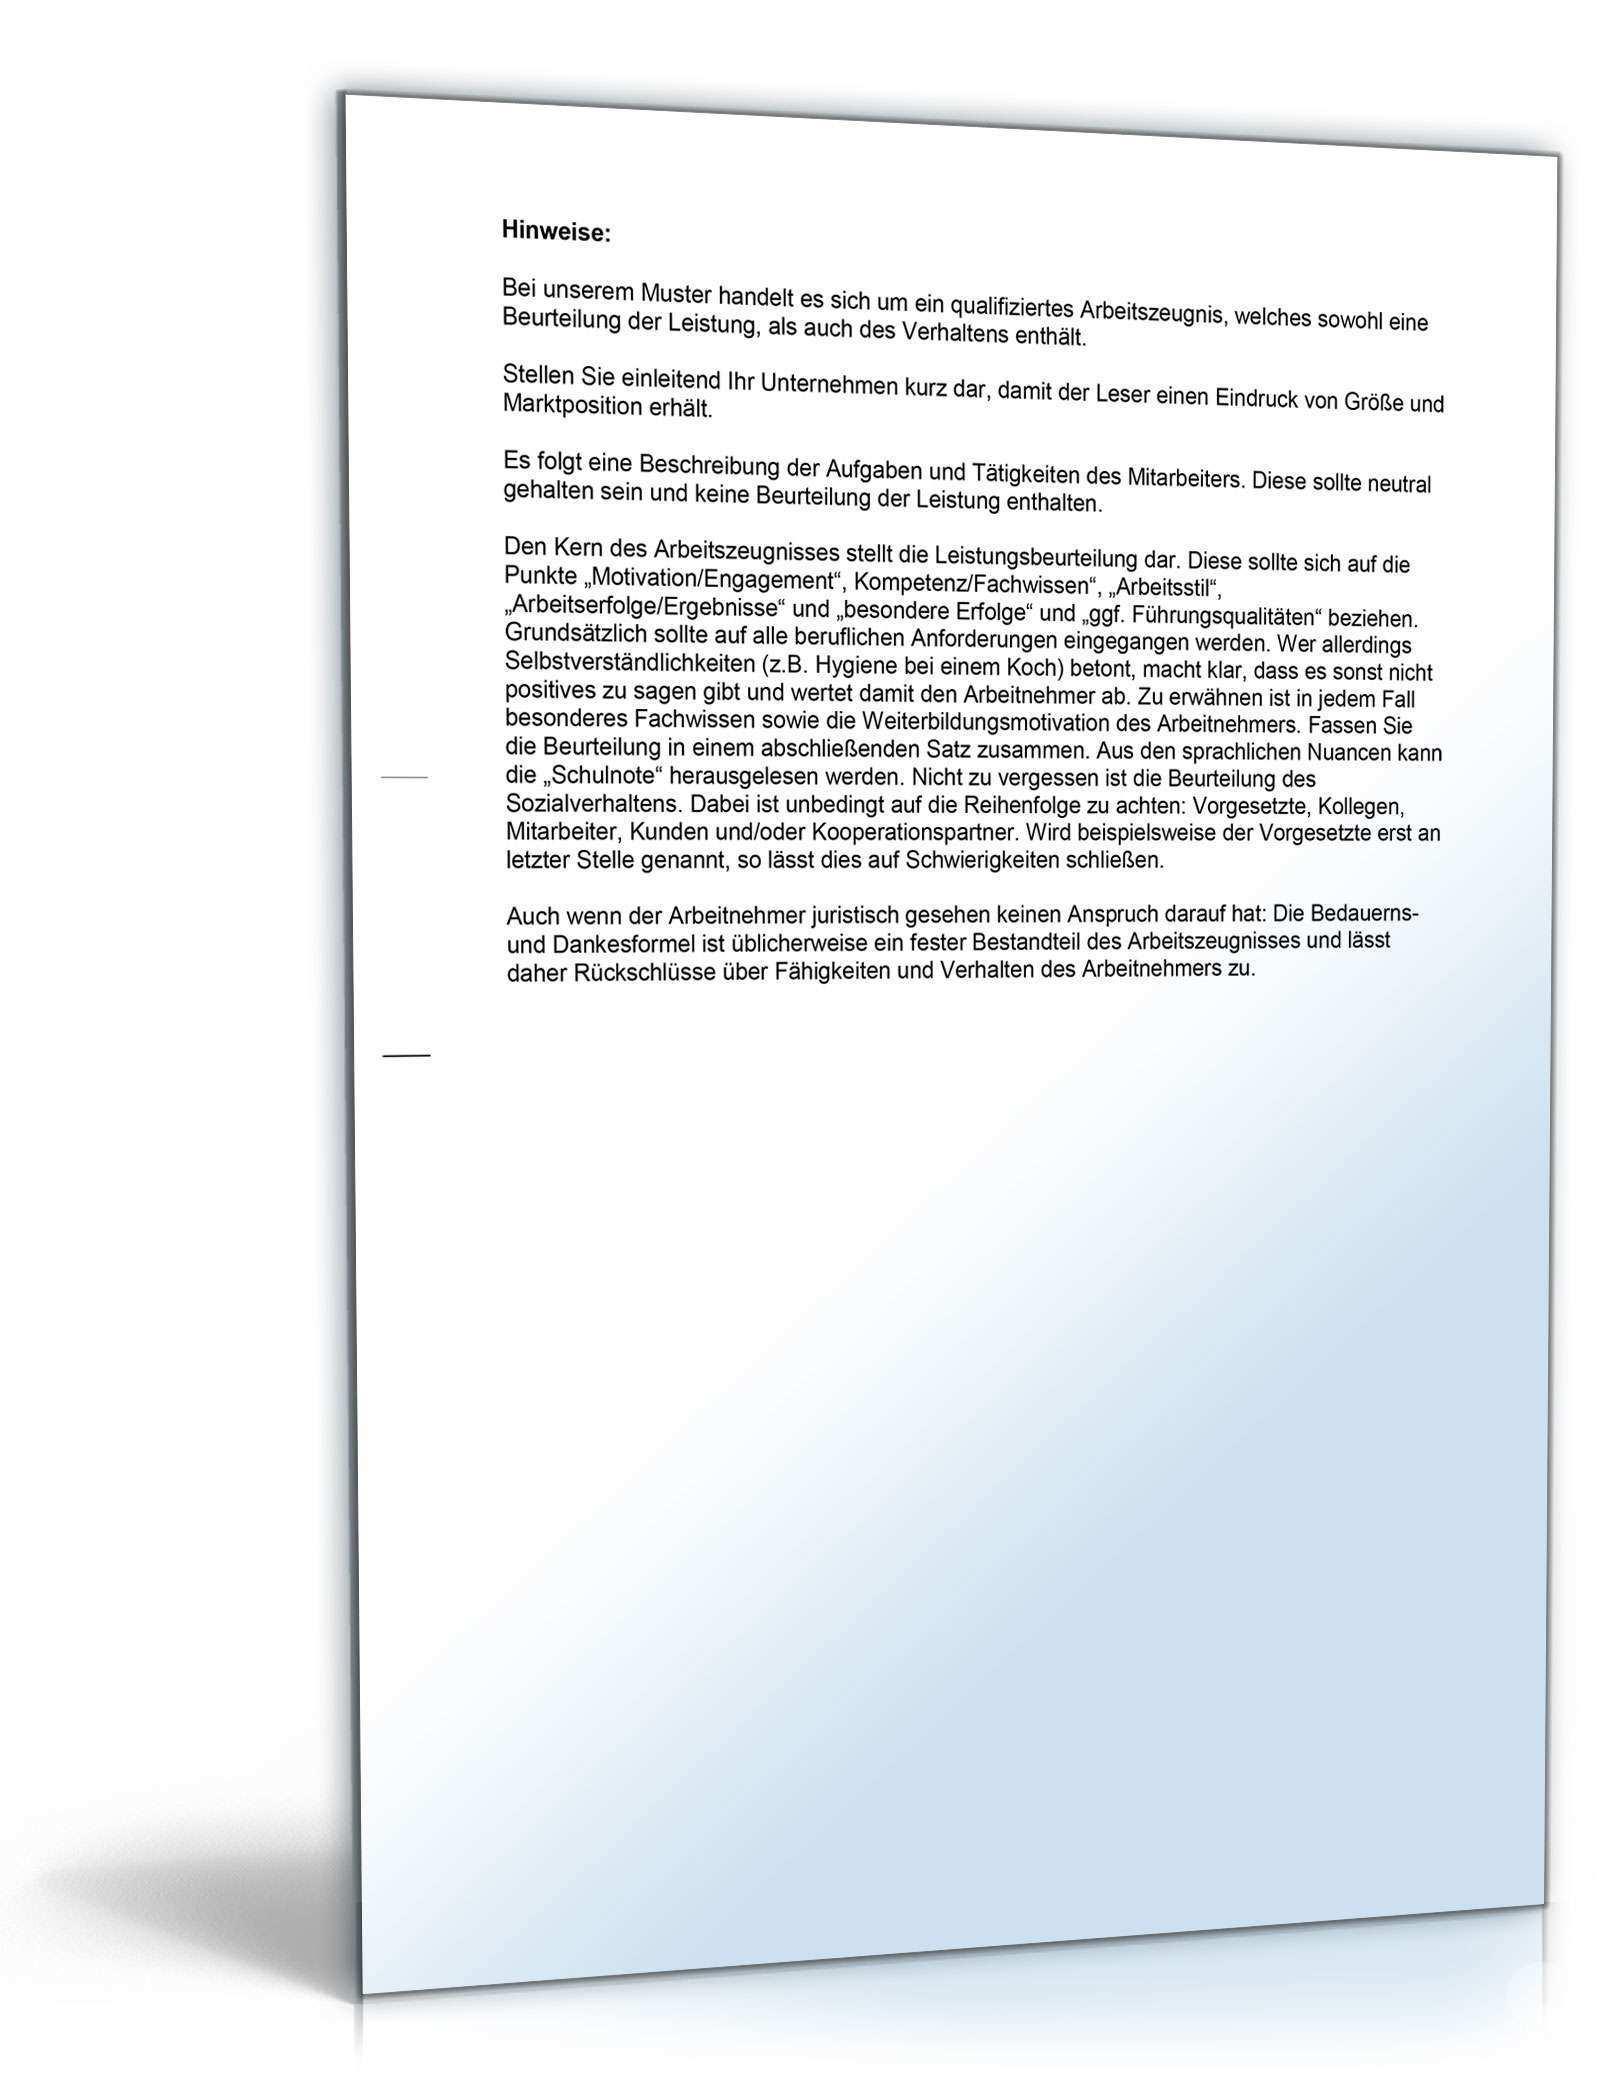 Arbeitszeugnis Kosmetikerin Editierbare Muster Zum Download